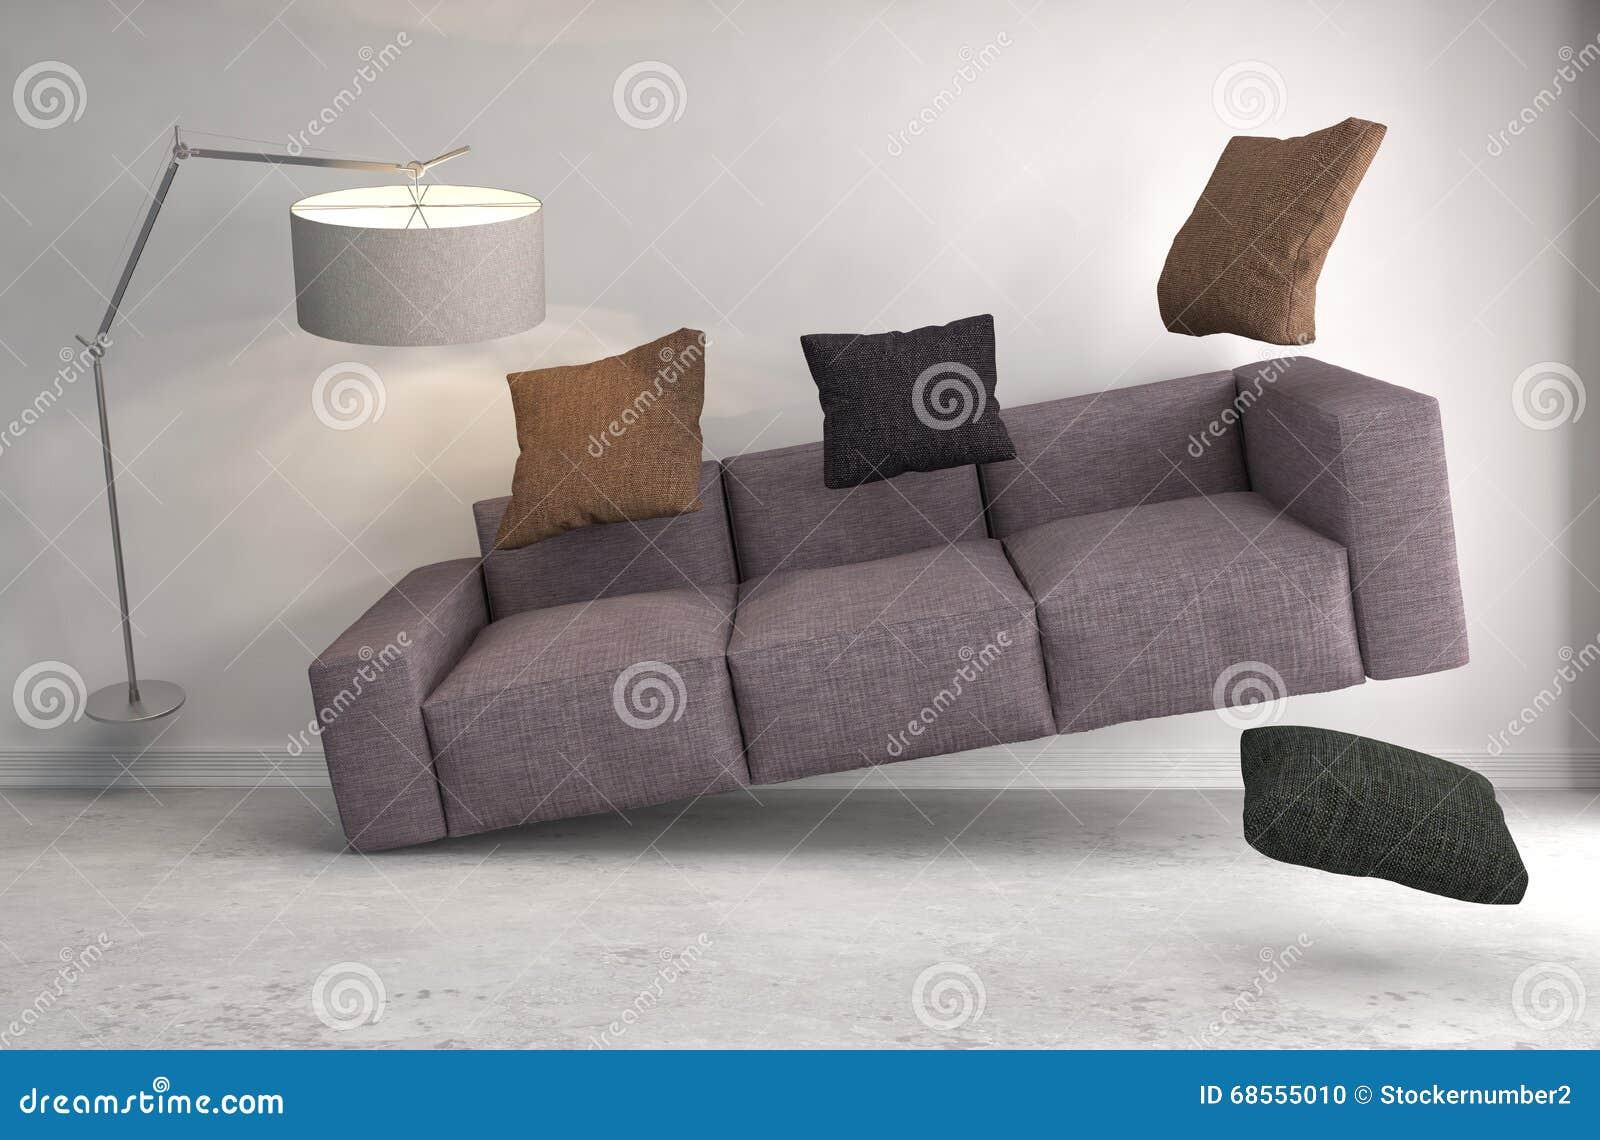 Sofá da gravidade zero que paira na sala de visitas ilustração 3D